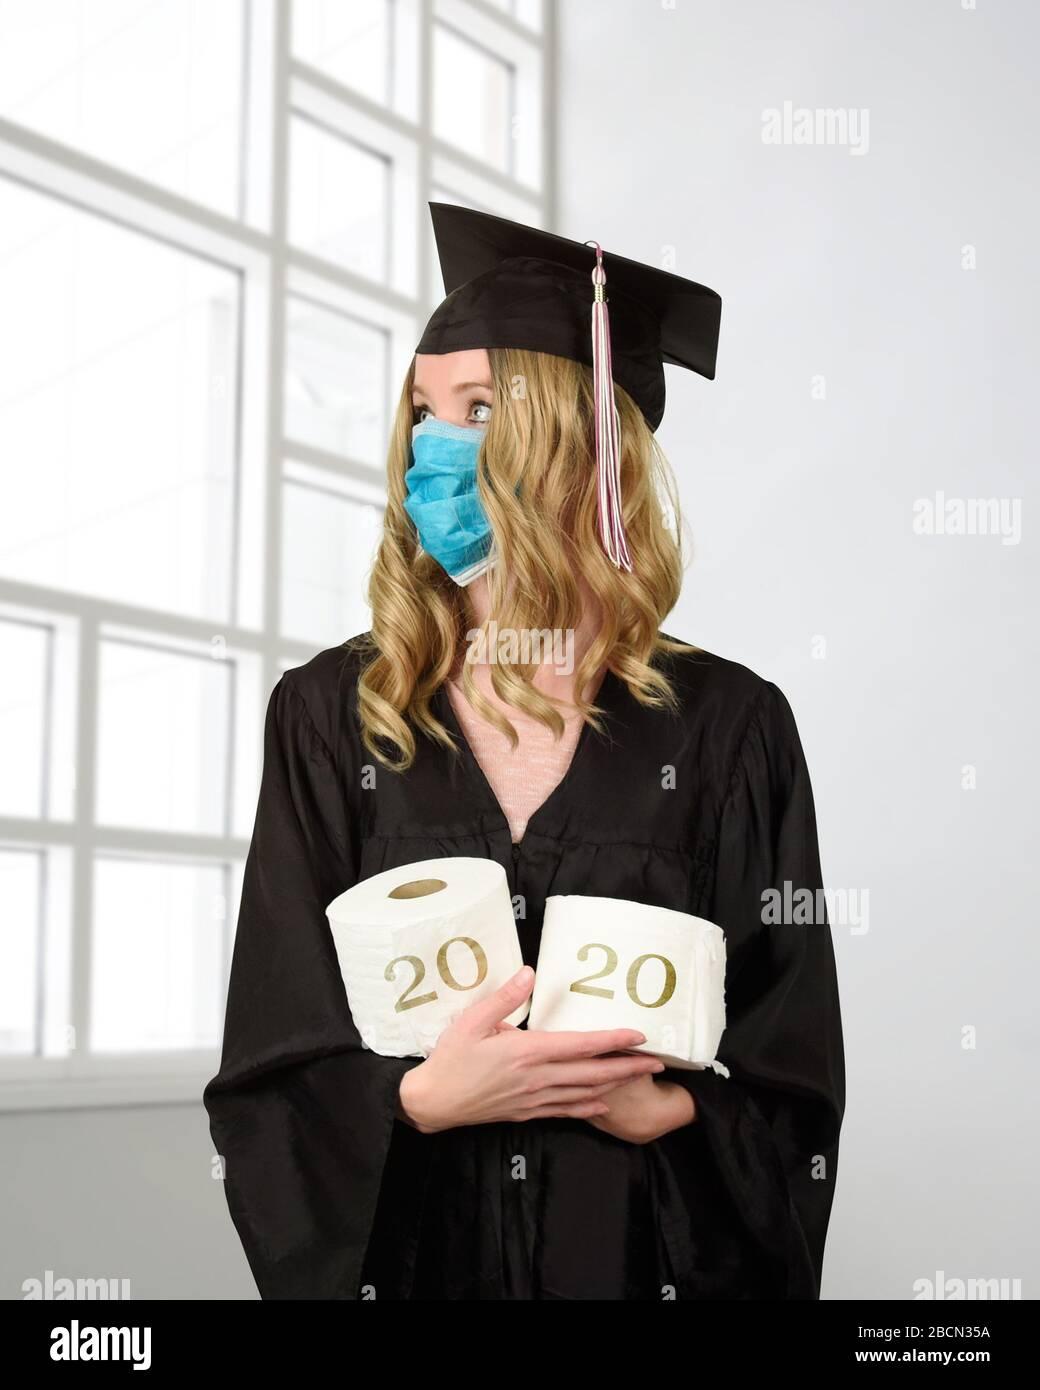 Ein Student trägt ein abschlusskaper und eine Robe, die Toilettenpapier für ein humorvolles Konzept der Klasse von 2020 Coronavirus Pandemie der Kovid-10 hält Stockfoto